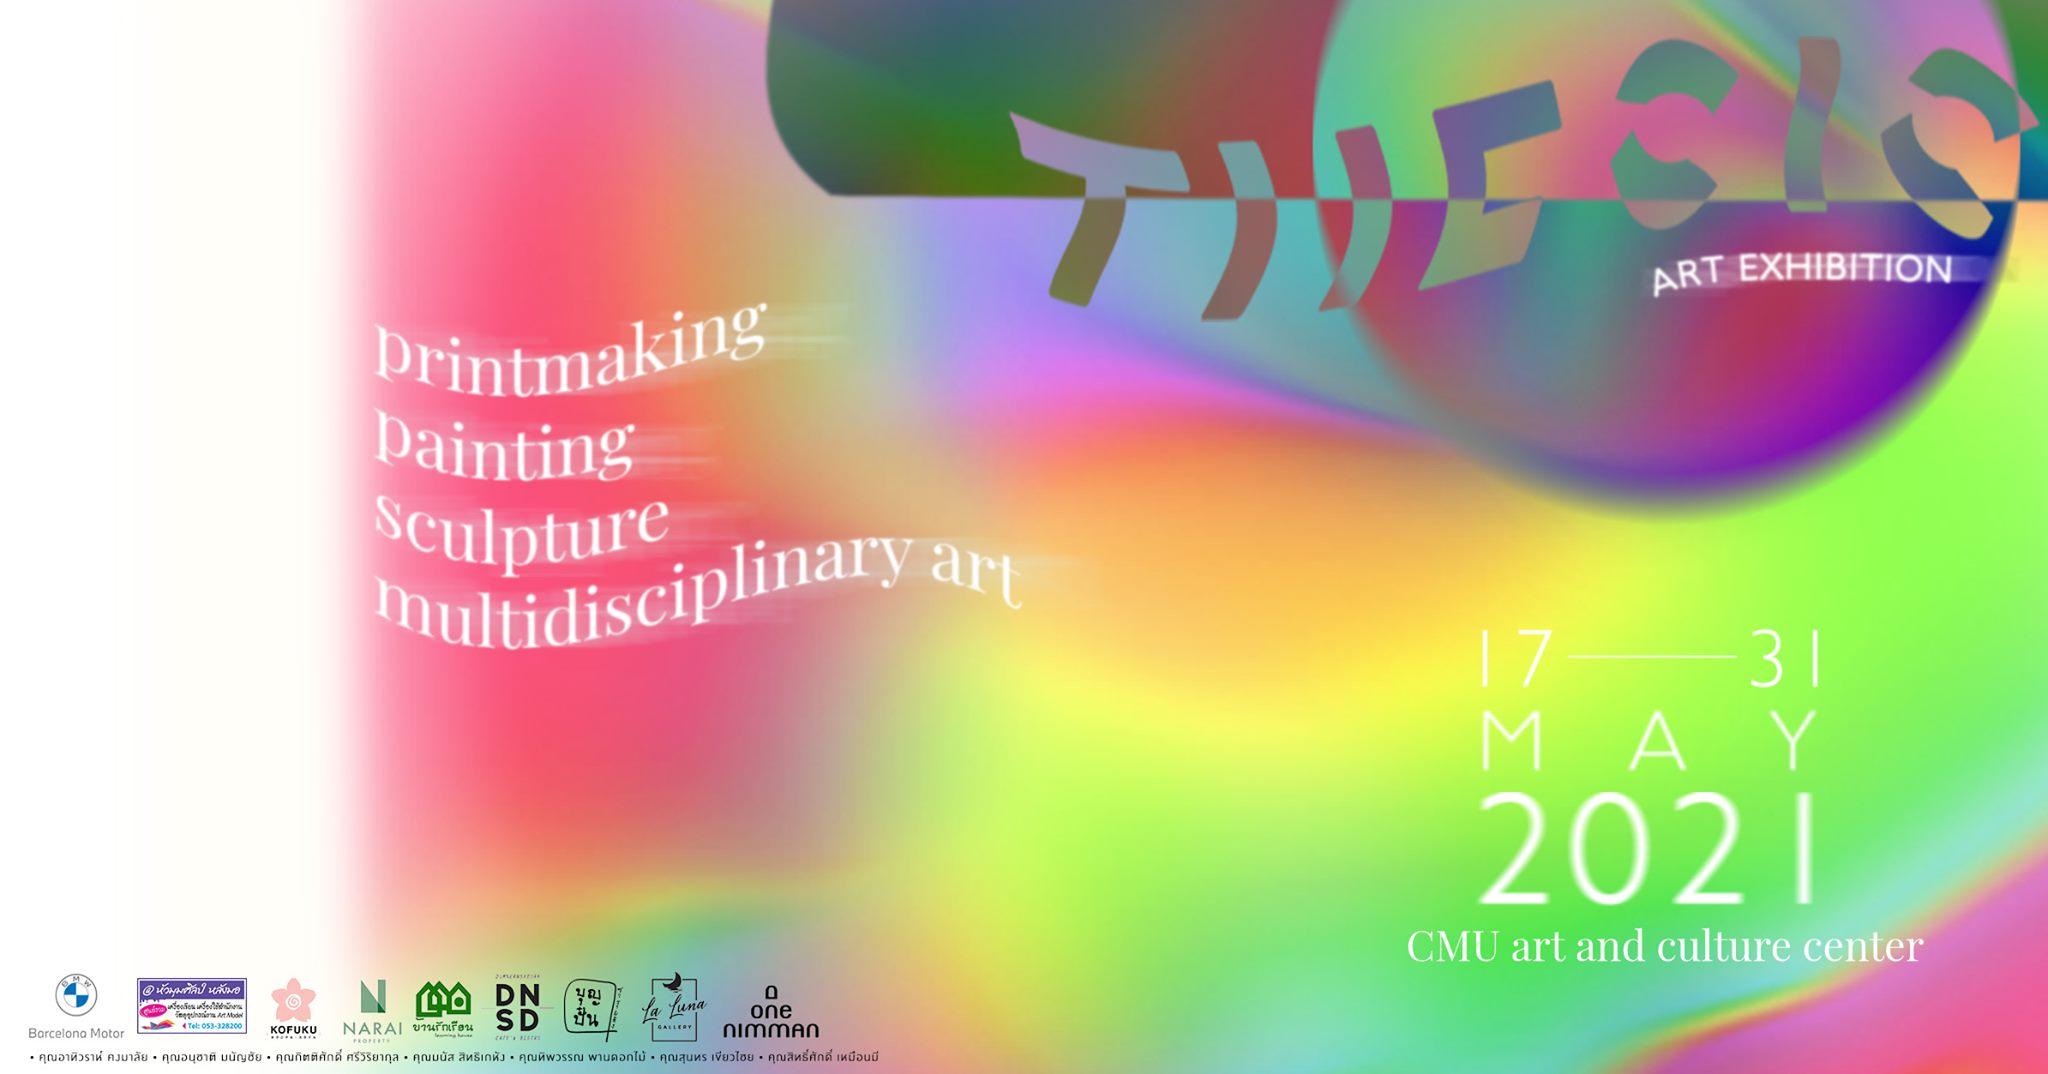 Art Thesis Exhibition 2021 ณ หอศิลปวัฒนธรรมมหาวิทยาลัยเชียงใหม่ นิทรรศการจัดระหว่างวันที่ 17 - 31 พฤษภาคม 2564 เวลา 09:00 - 17:00 น พิธีเปิดนิทรรศการ 28 พฤษภาคม 2564